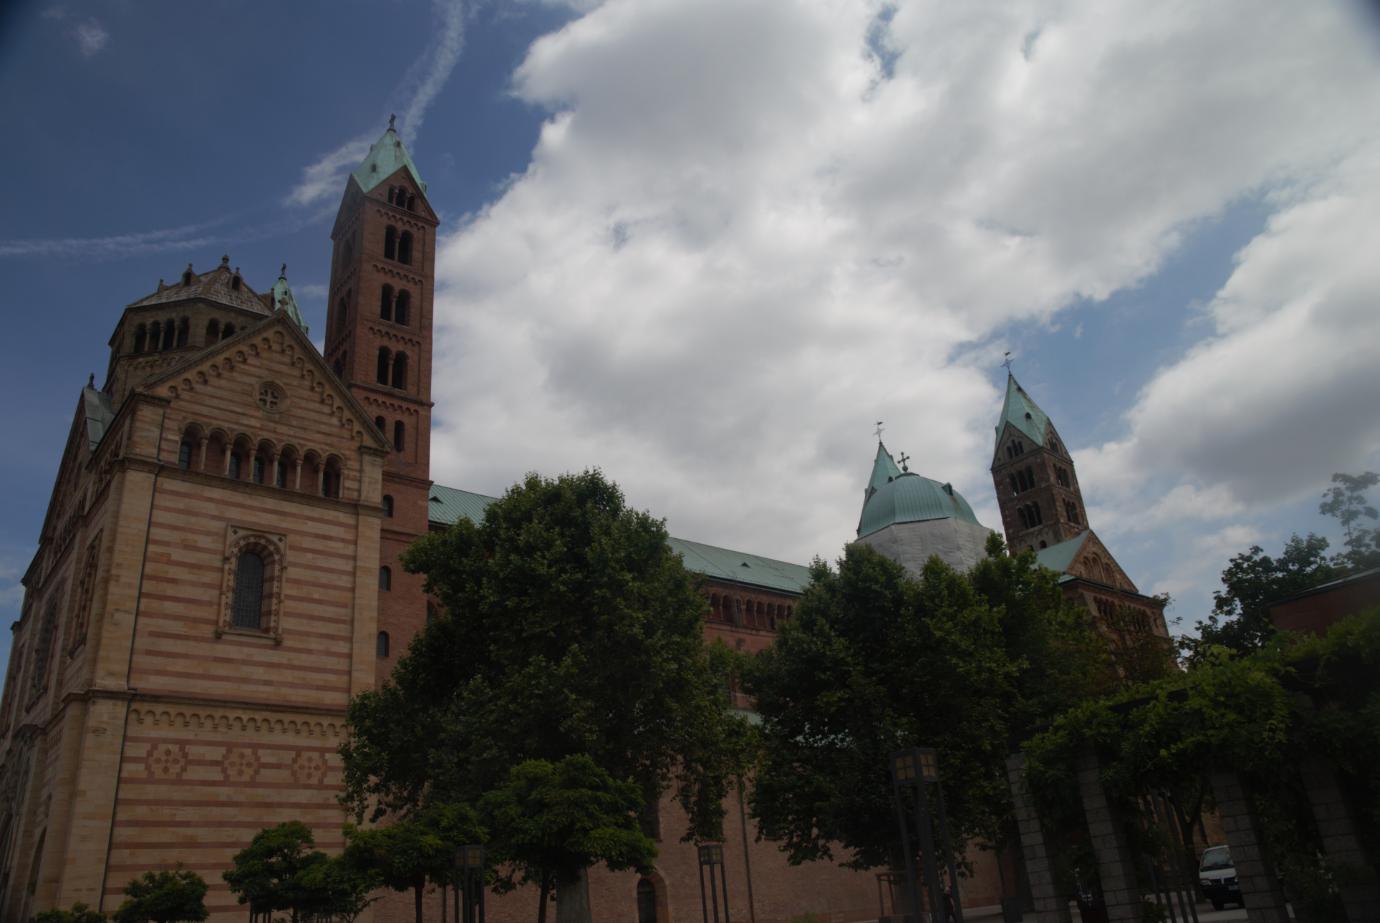 Auf Entdeckungsreise in die Stadt zum Dom von Speyer.